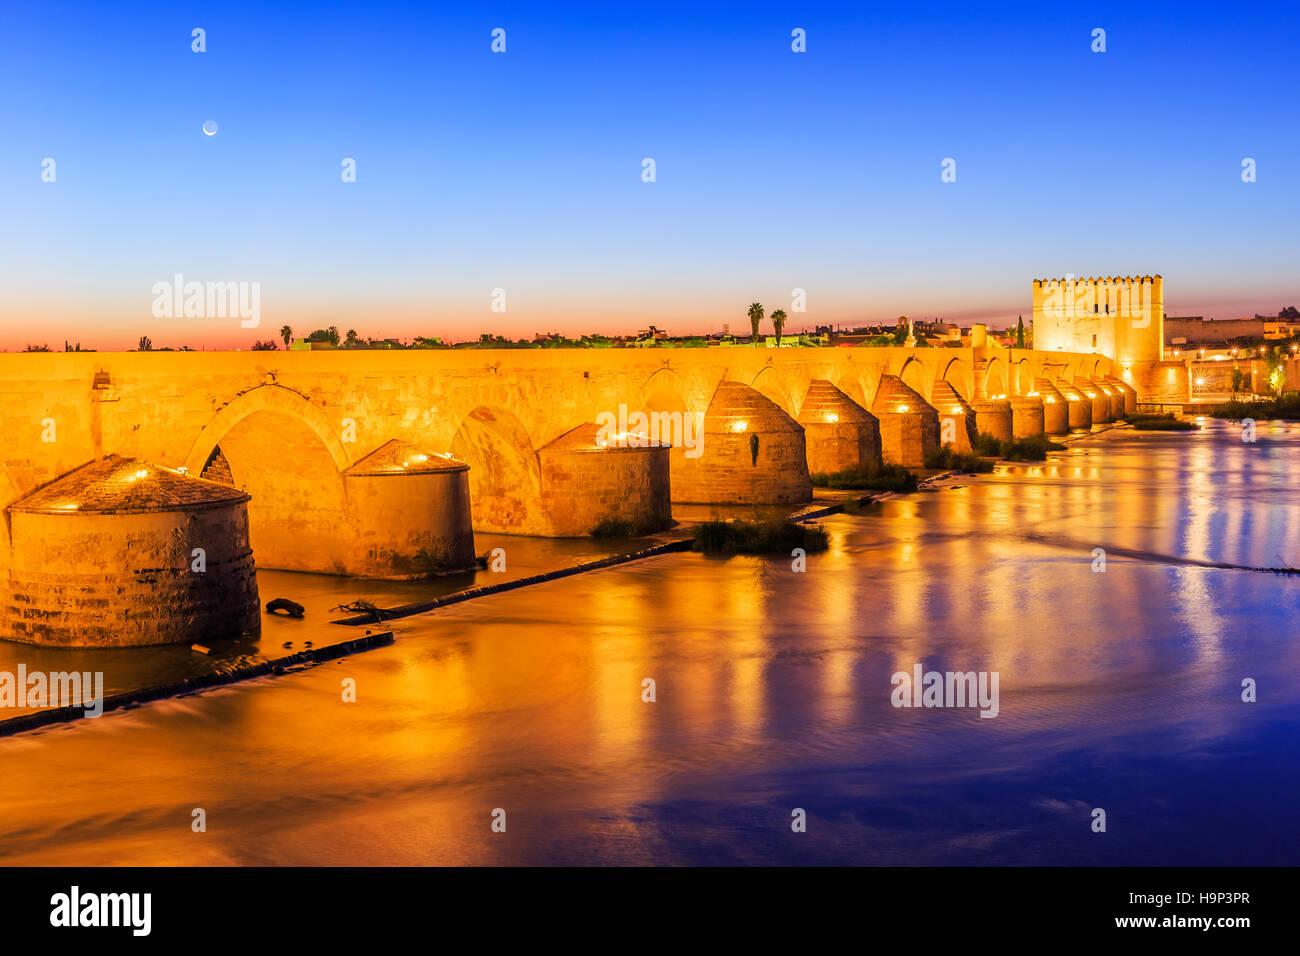 Cordoba, España. Puente romano sobre el río Guadalquivir. Imagen De Stock